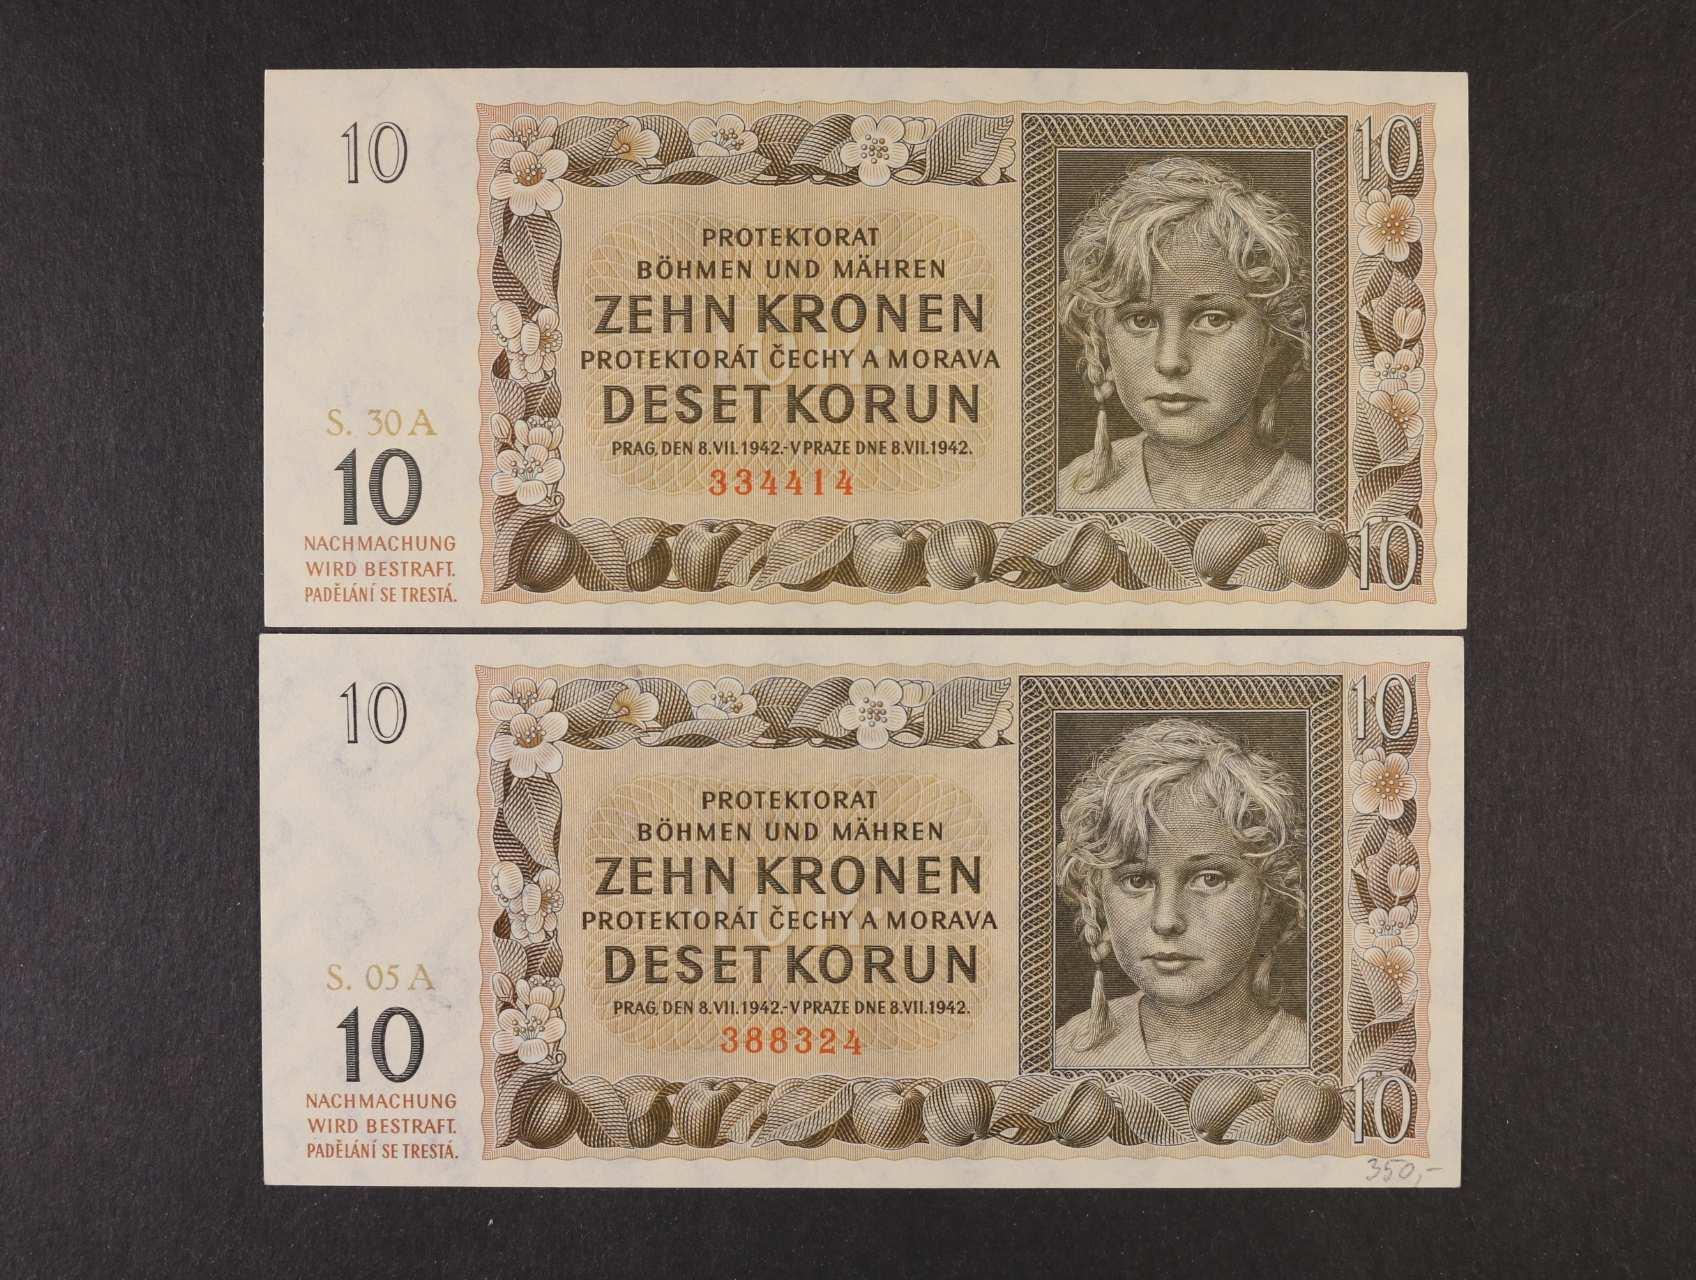 10 K 1942 série 05 A, 30 A, Ba. 37a, Pi. 8a, 2ks